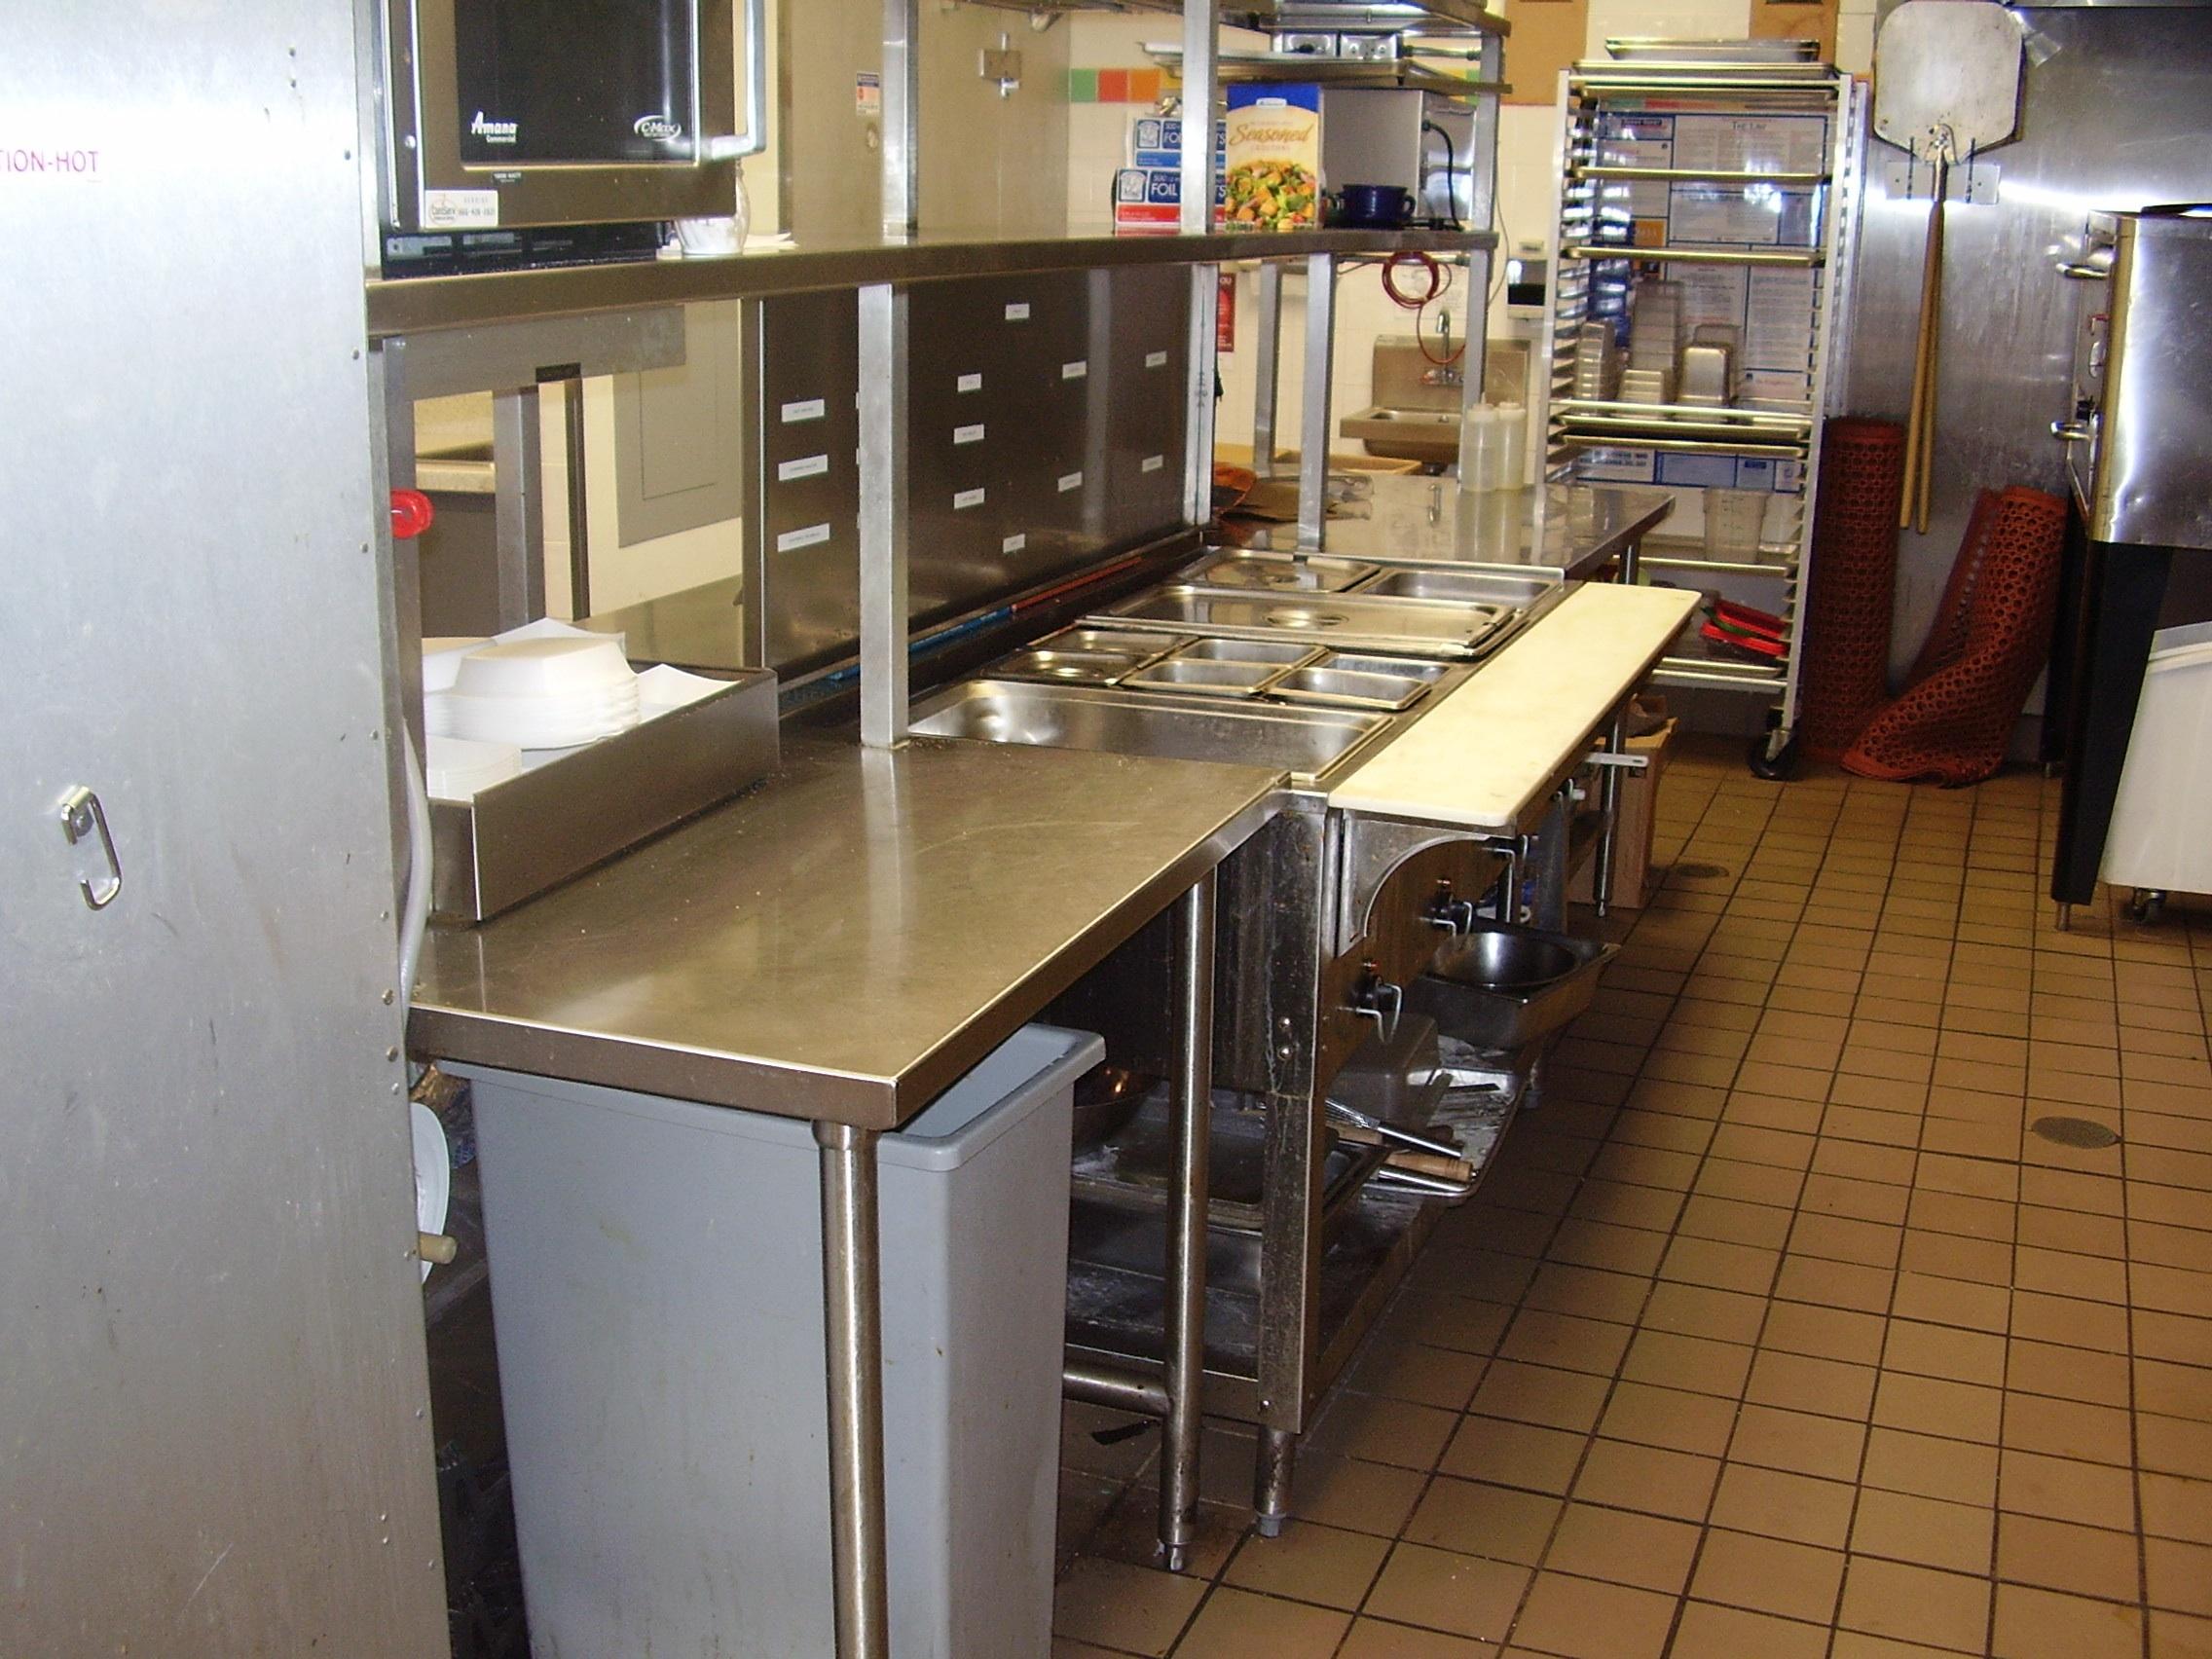 restaurant kitchen equipment crowdbuild for